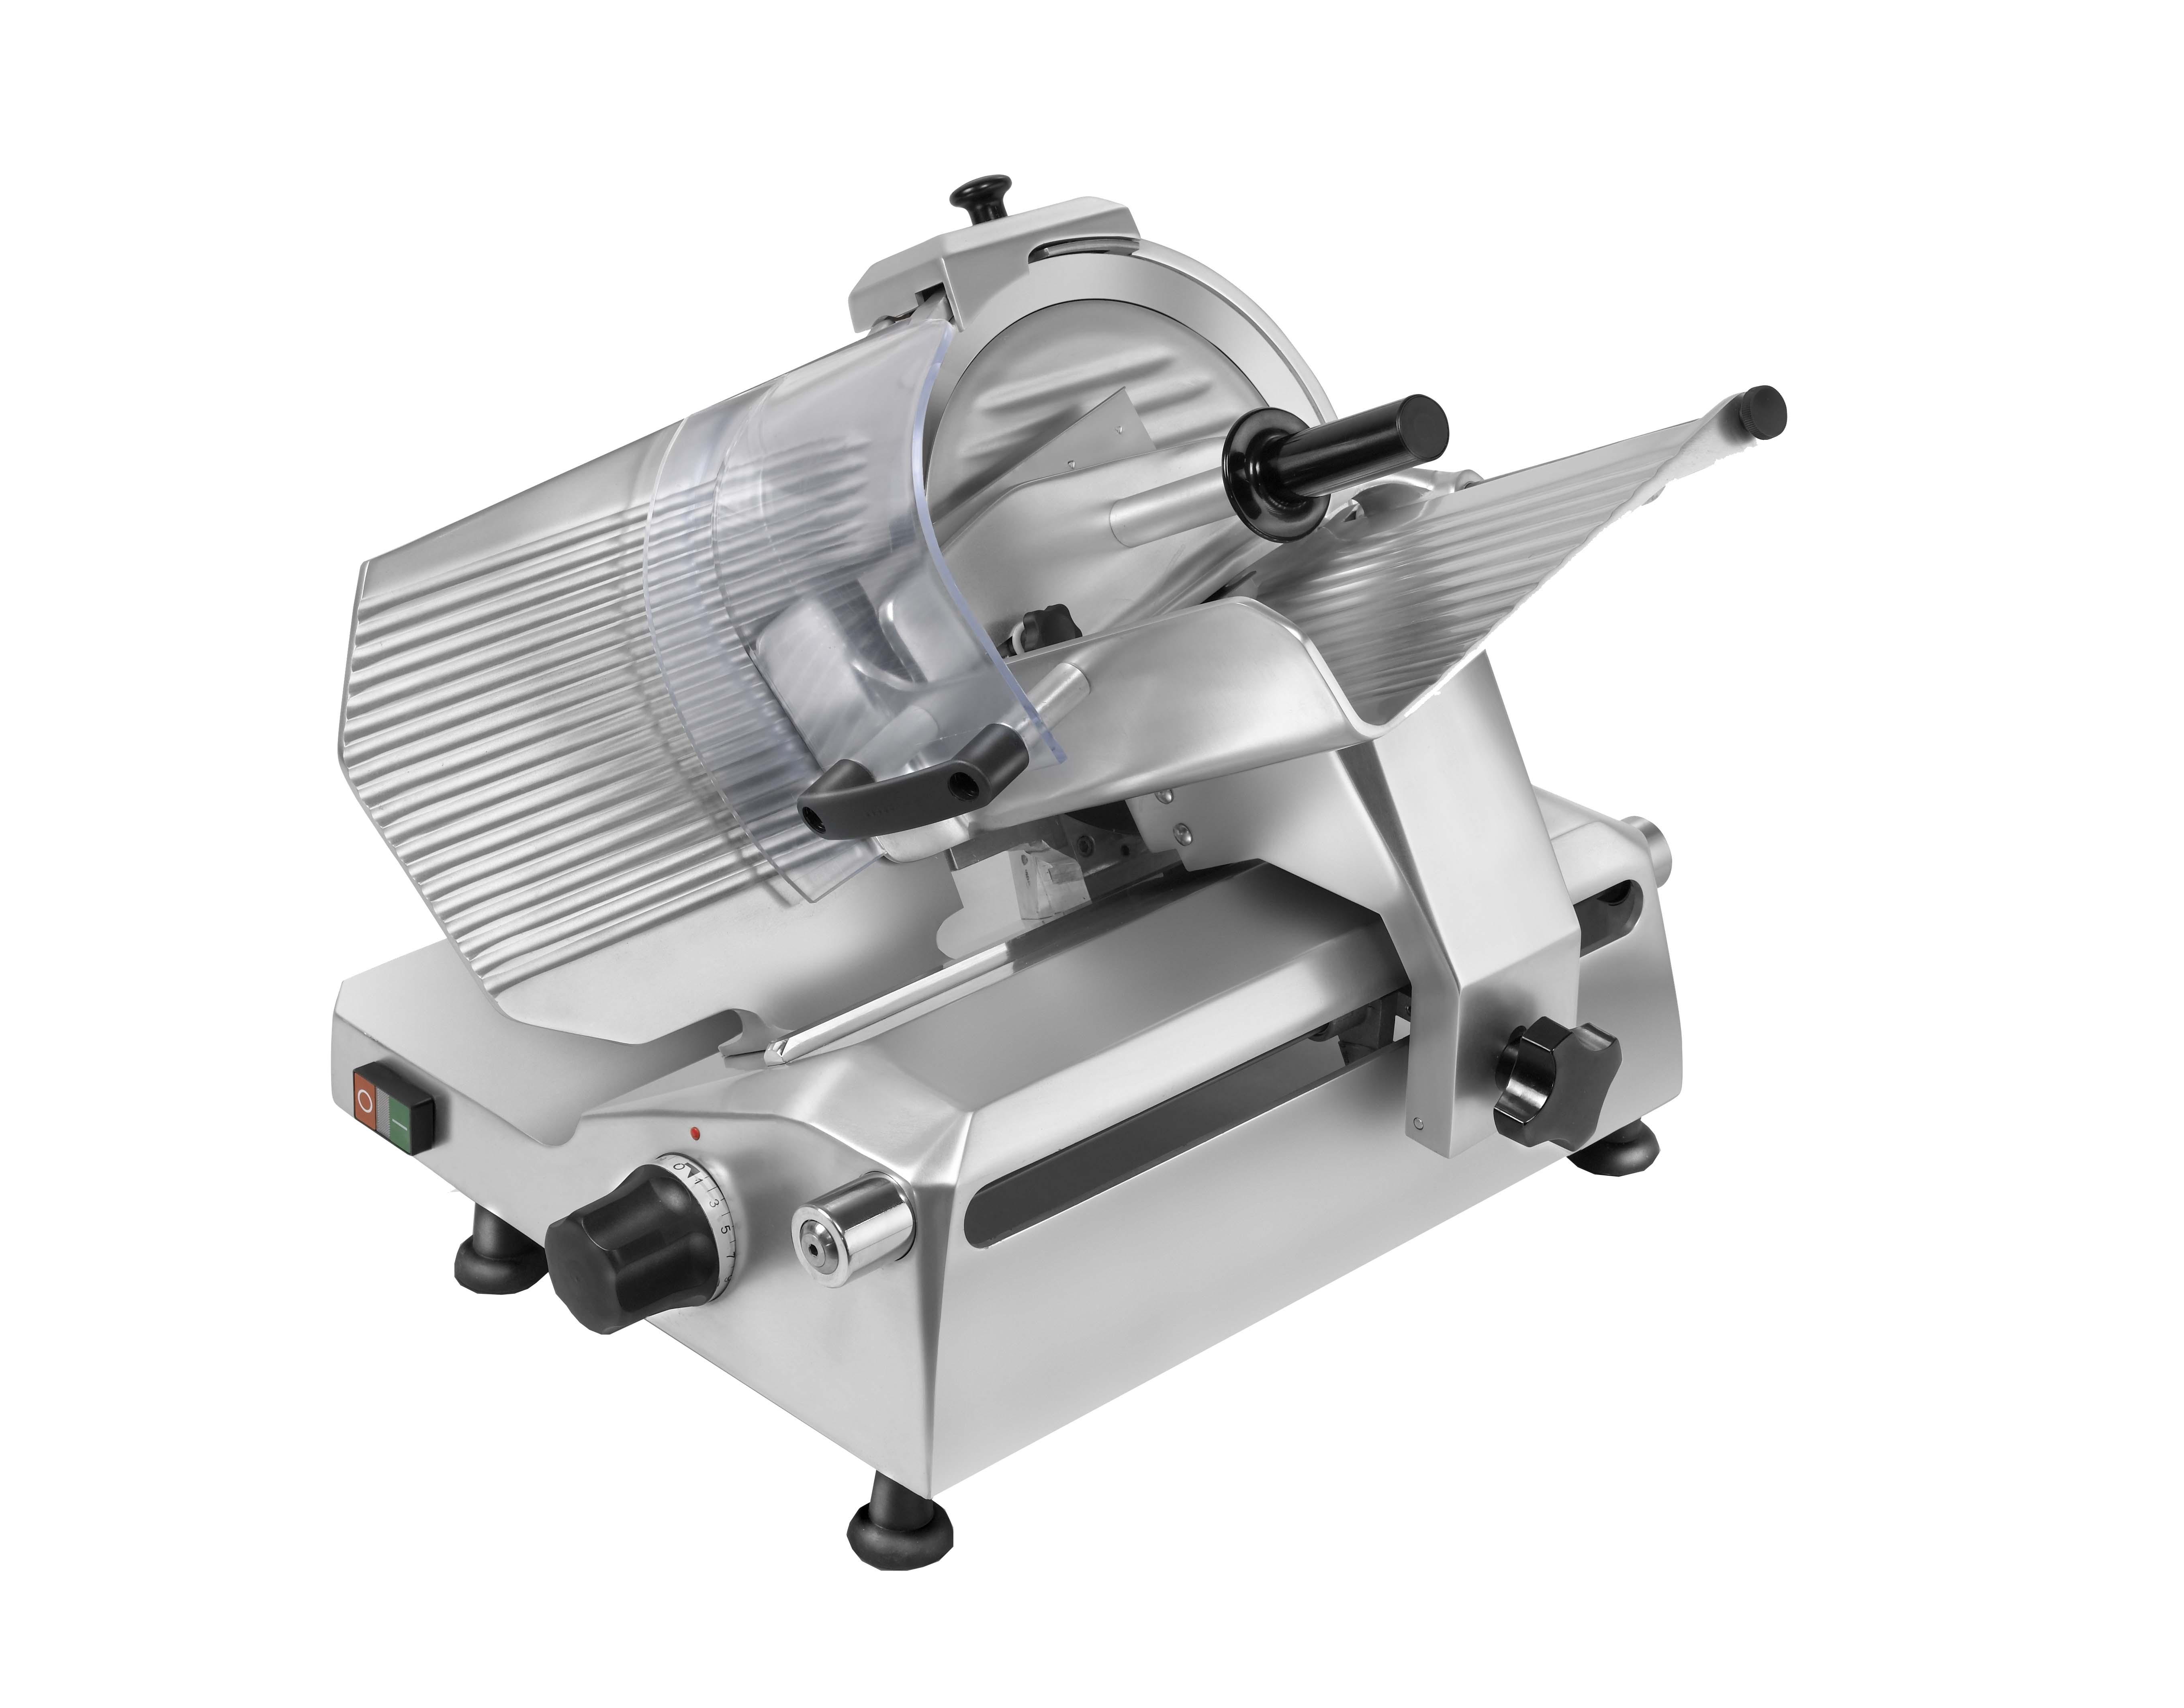 slm0300--slicer-rheninghaus-mondial--300mm